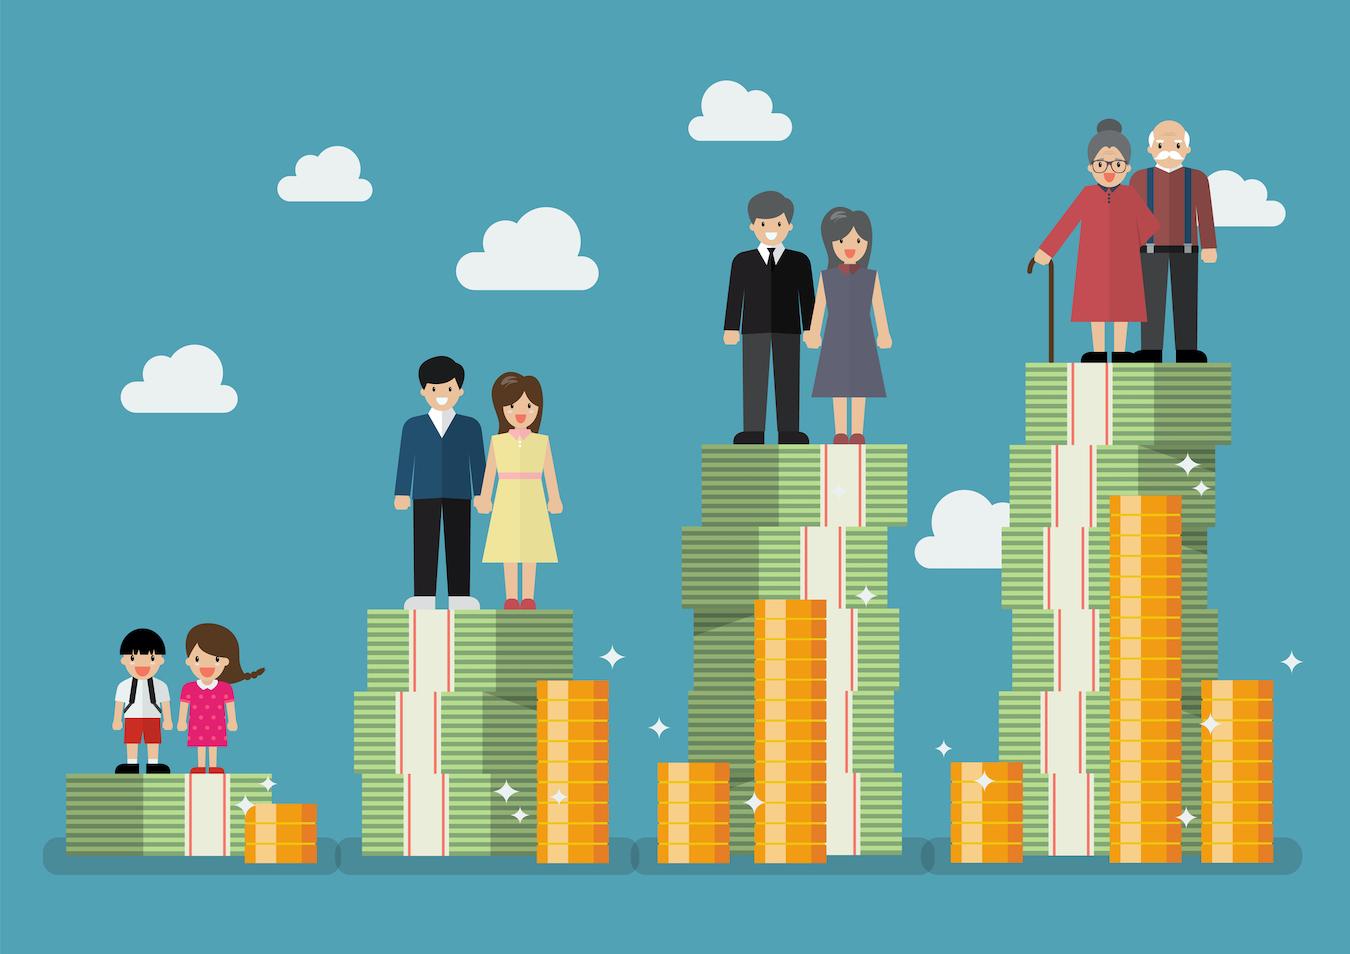 変化する未来においても計画的な資産形成は必要。その理由は?